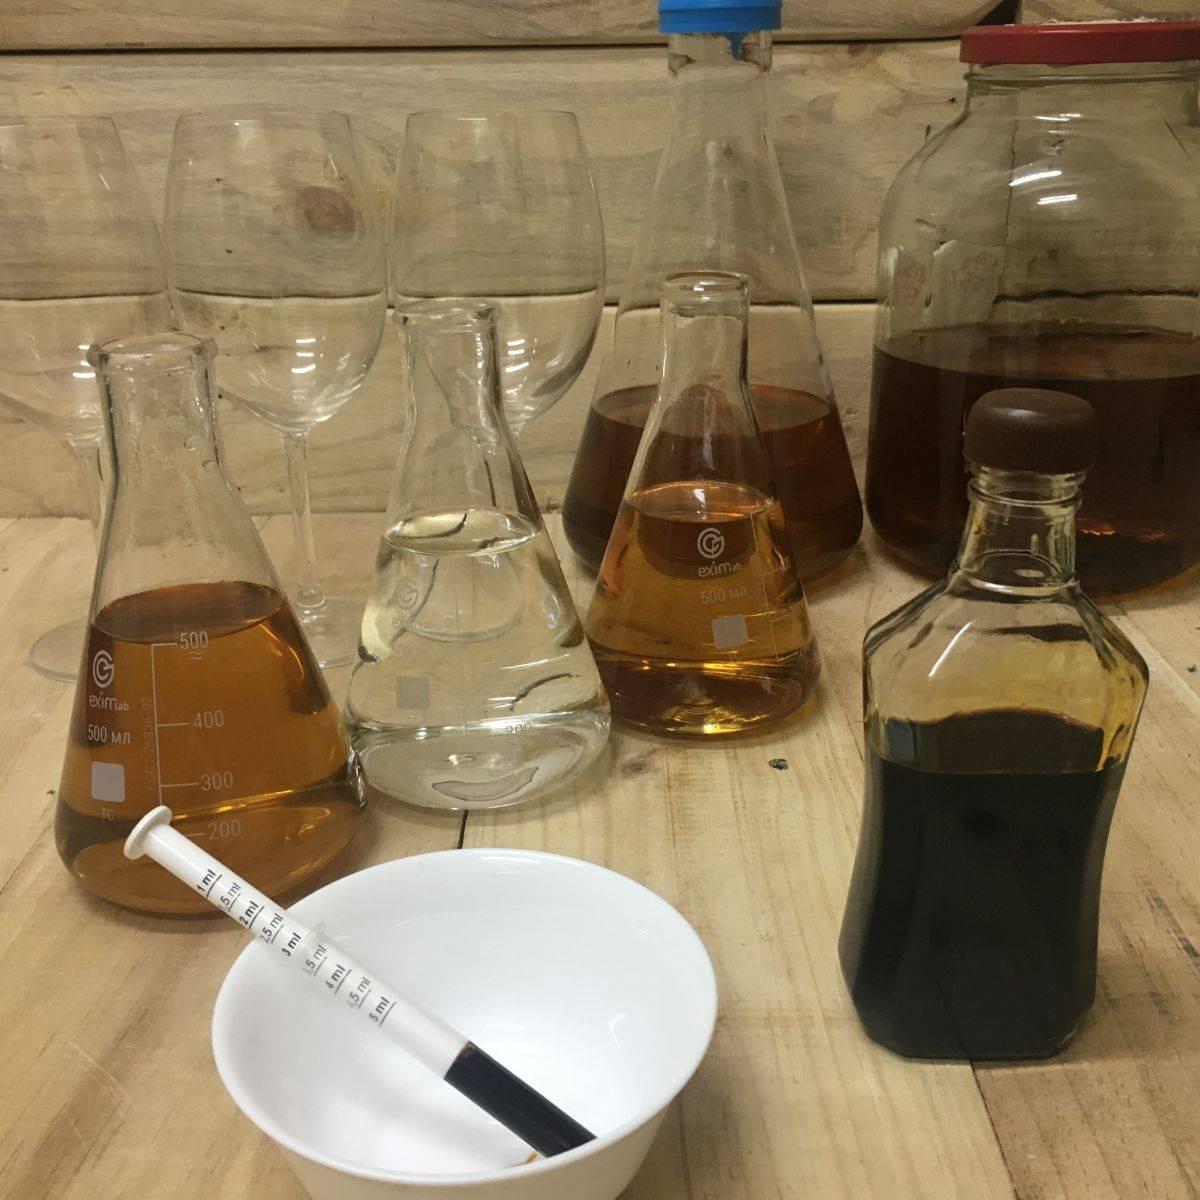 Технология приготовления карамельного красителя для коньяка, спирта или самогона | алкофан | яндекс дзен